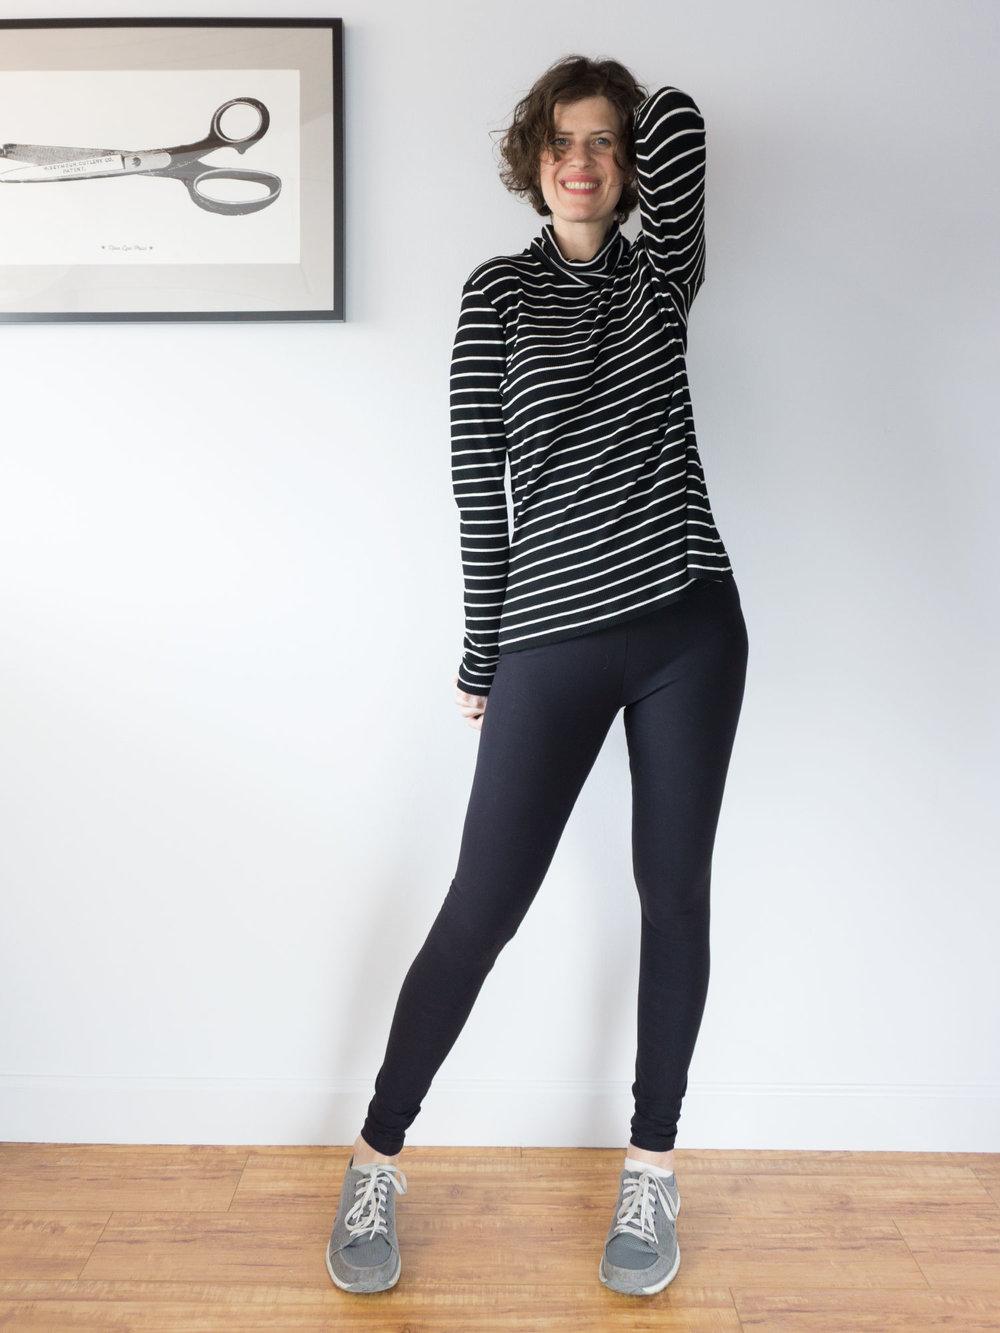 DIY Striped Turtleneck – Seamwork Neenah Pattern | Sew DIY